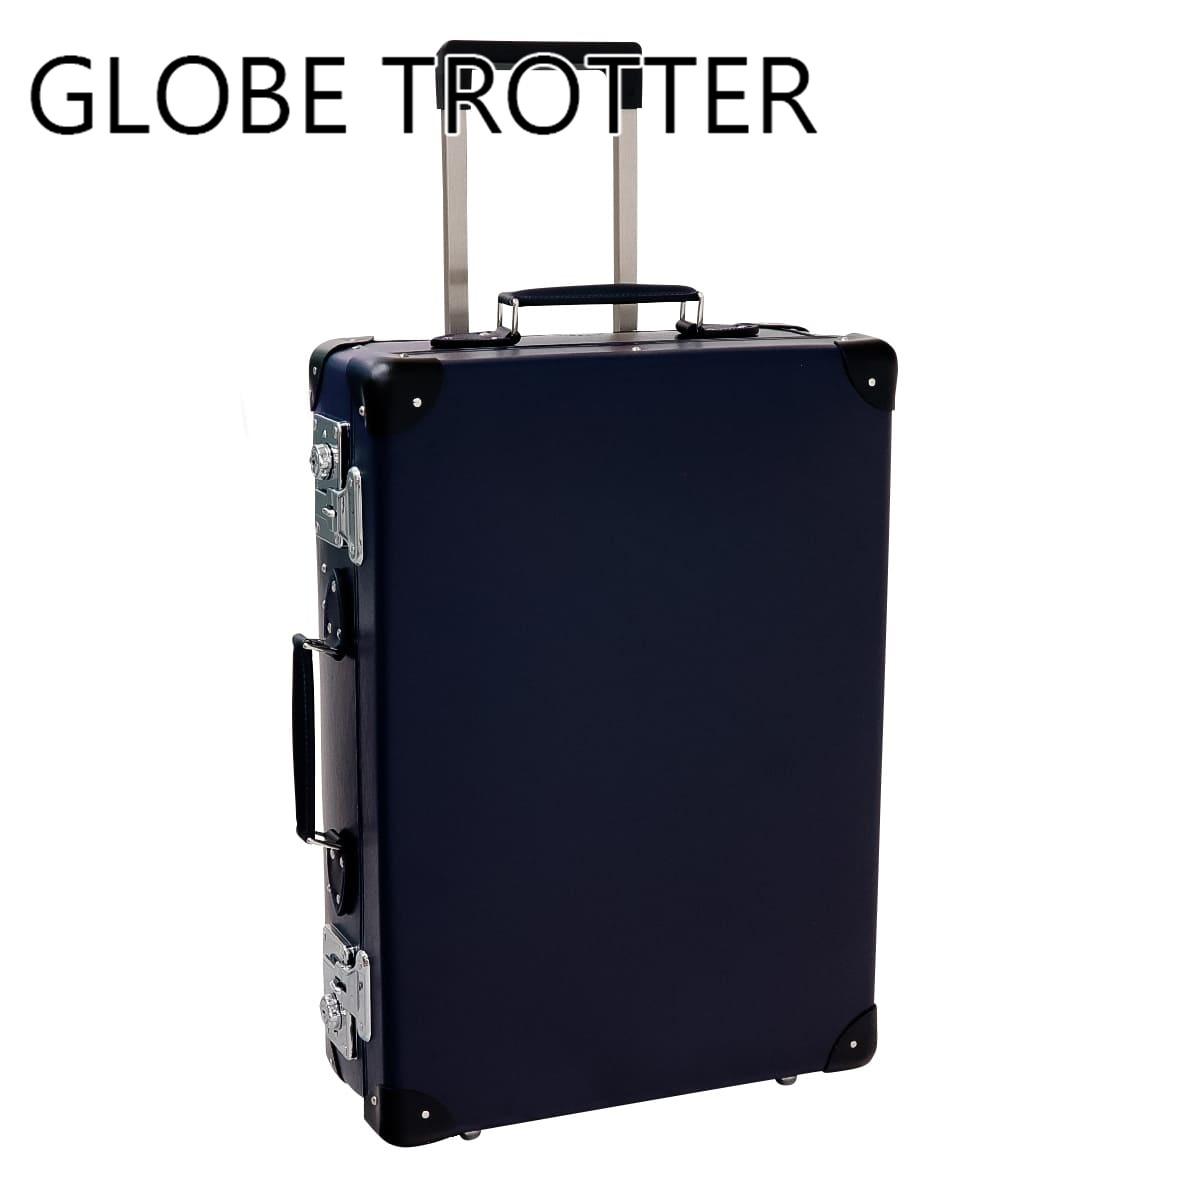 【即納】あす楽対応 グローブトロッター GLOBE-TROTTER スーツケース バッグ 鞄 かばん キャリーケース メンズ レディース 旅行かばん トローリーケース ORIGINAL 20インチ キャリーケース ネイビー×ブラック NAVY/BLACK GTORGNB20TC 正規品ブランド 新品 新作 2019年